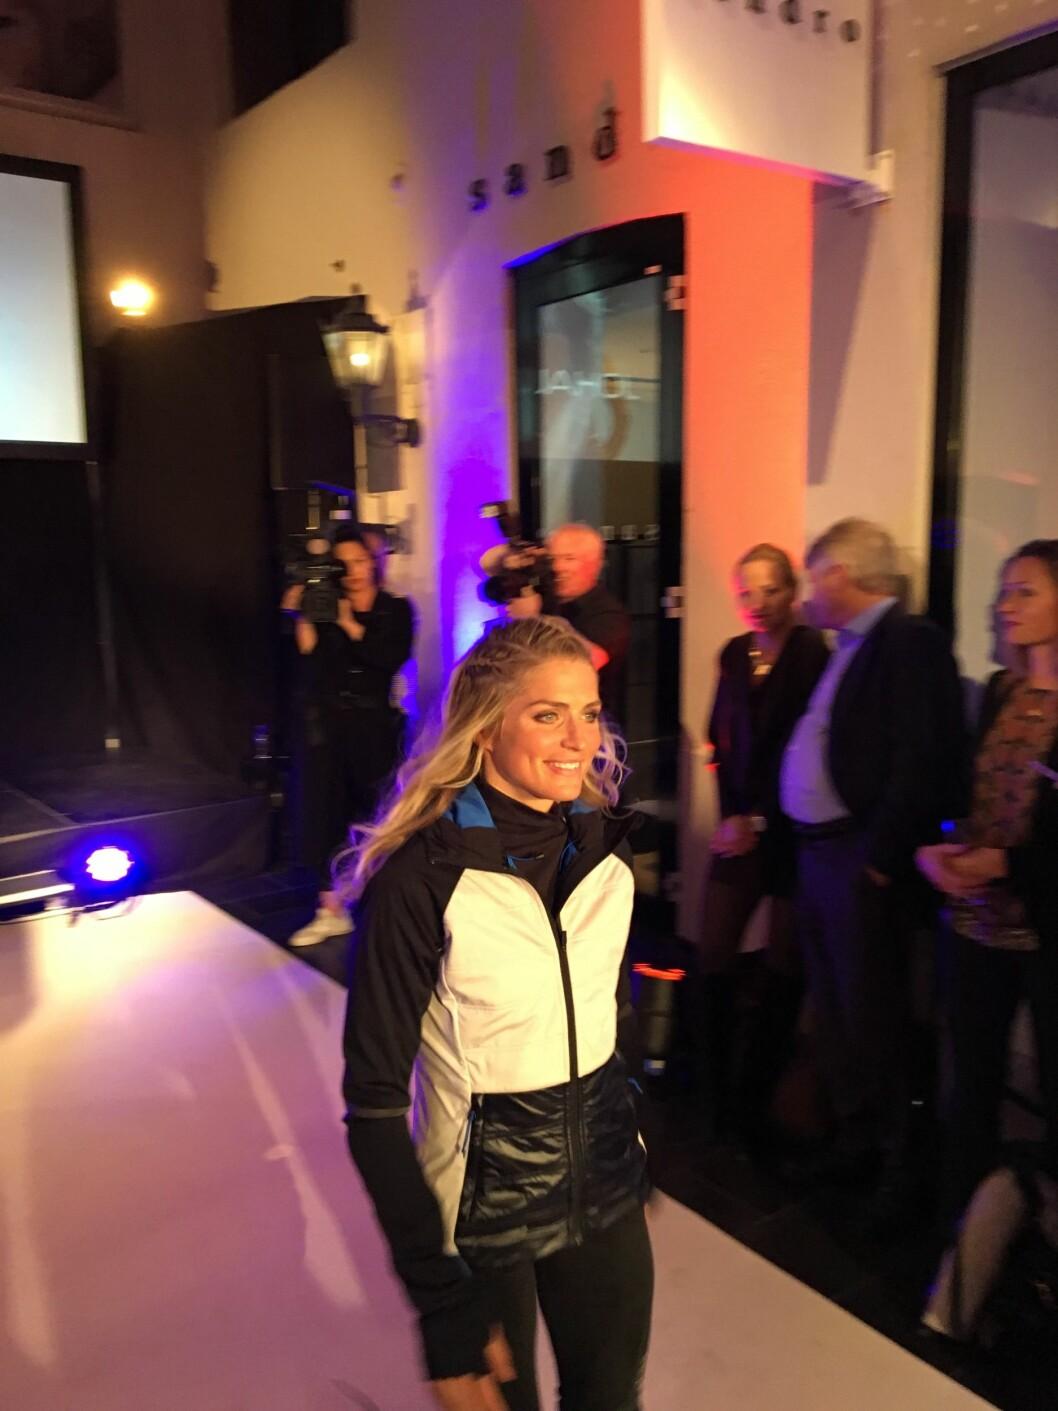 SOM MODELL: Kolleksjonen med sportsklær som Therese Johaug lanserte i november, er blitt svært populær. Hun gikk selv på catwalken under lanseringen. Foto: Se og Hør